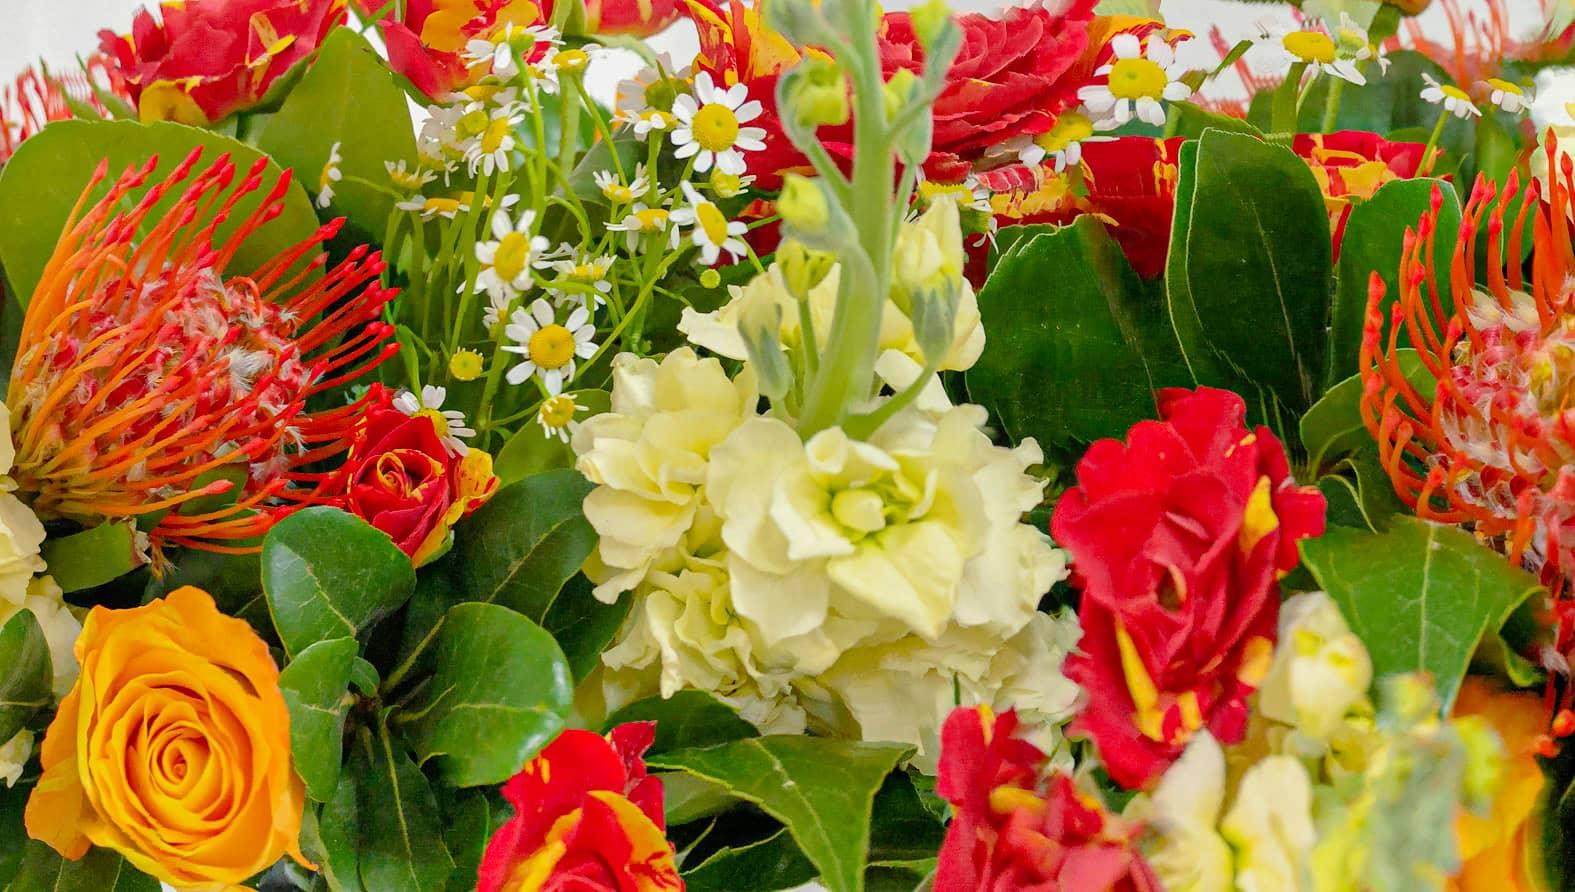 red-bouquet-tfull-size-2.jpg